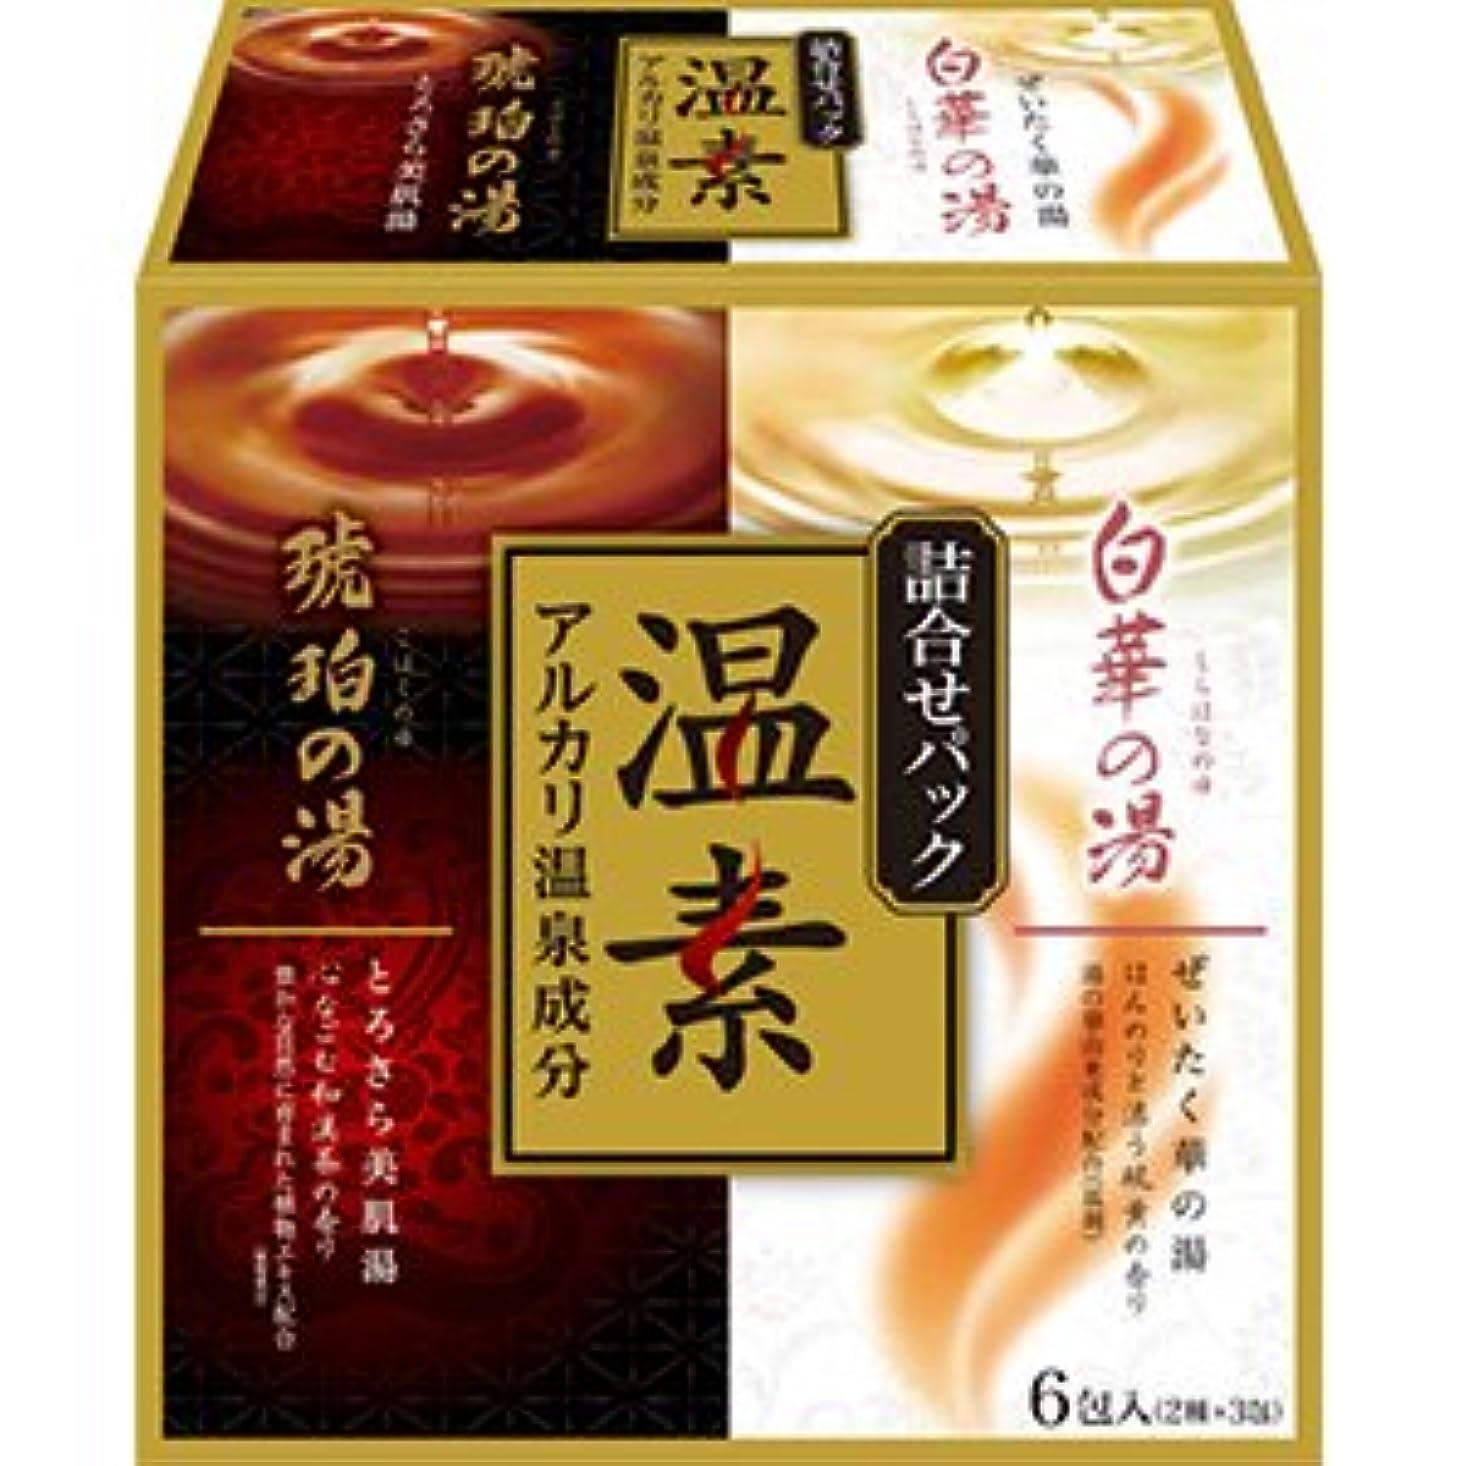 ラフト野心どっちでも温素 琥珀の湯&白華の湯 詰合せパック × 16個セット